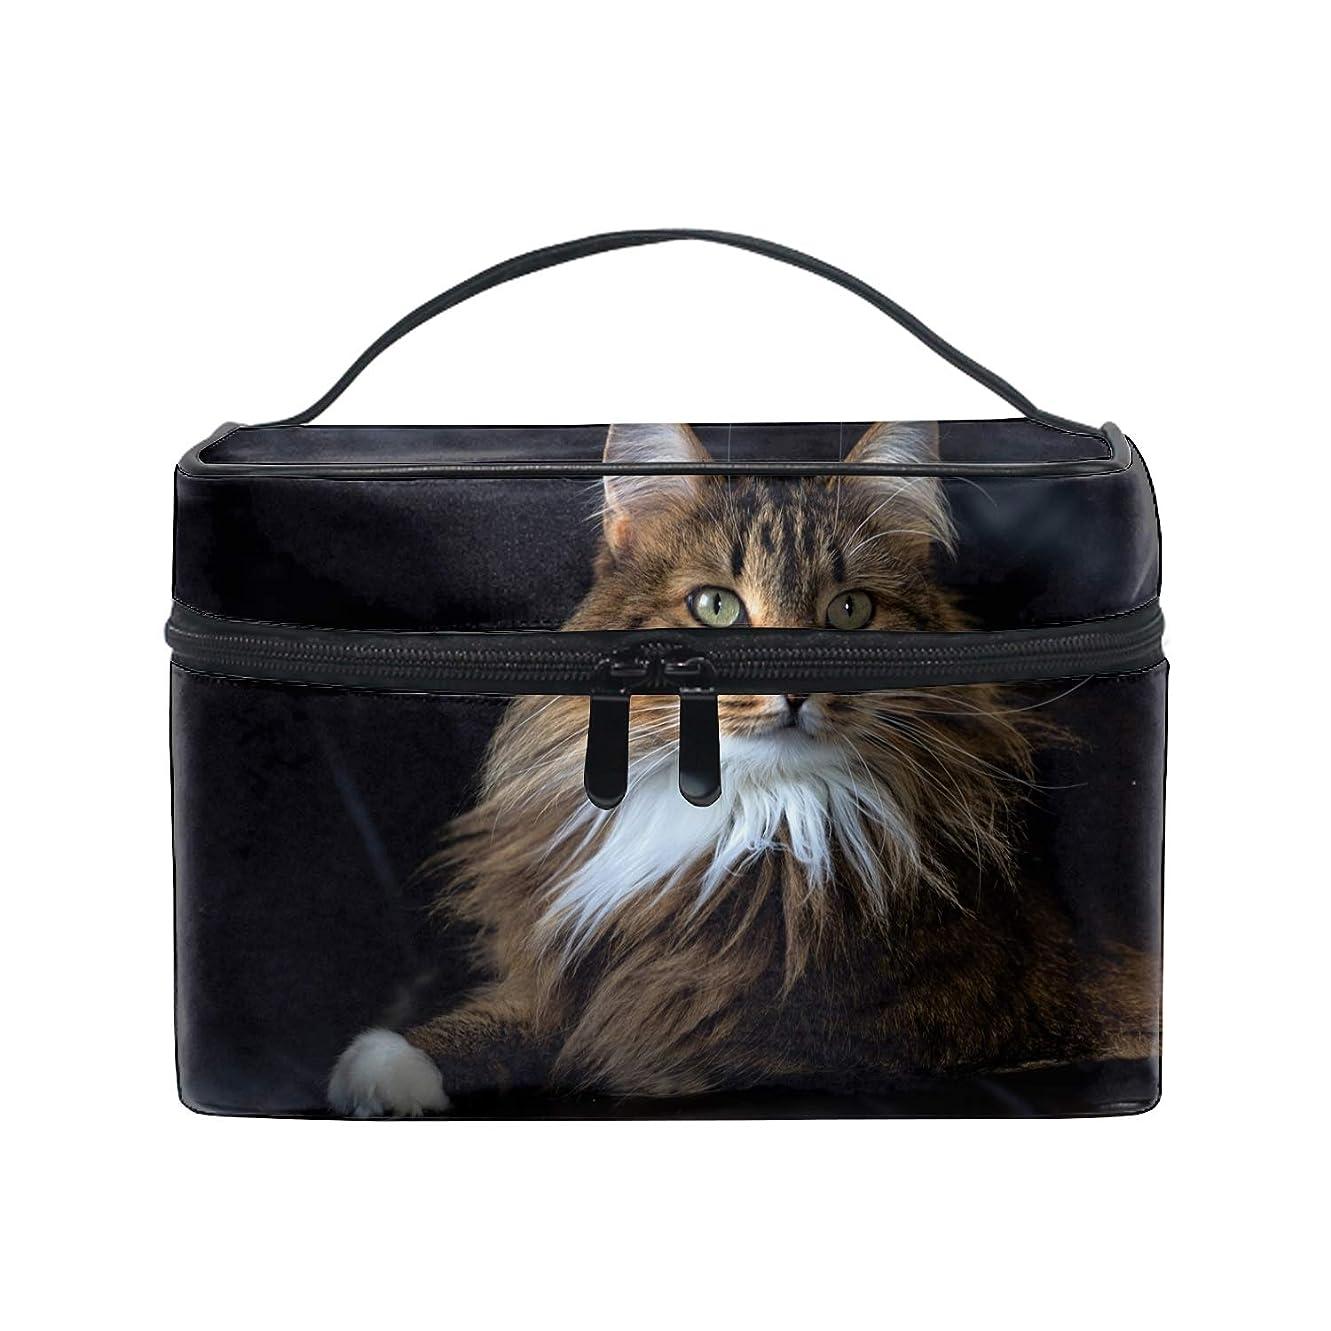 酒無線預言者便携式メインクーンふわふわ猫ブラウンクーン メイクボックス 收納抜群 大容量 可愛い 化粧バッグ 旅行